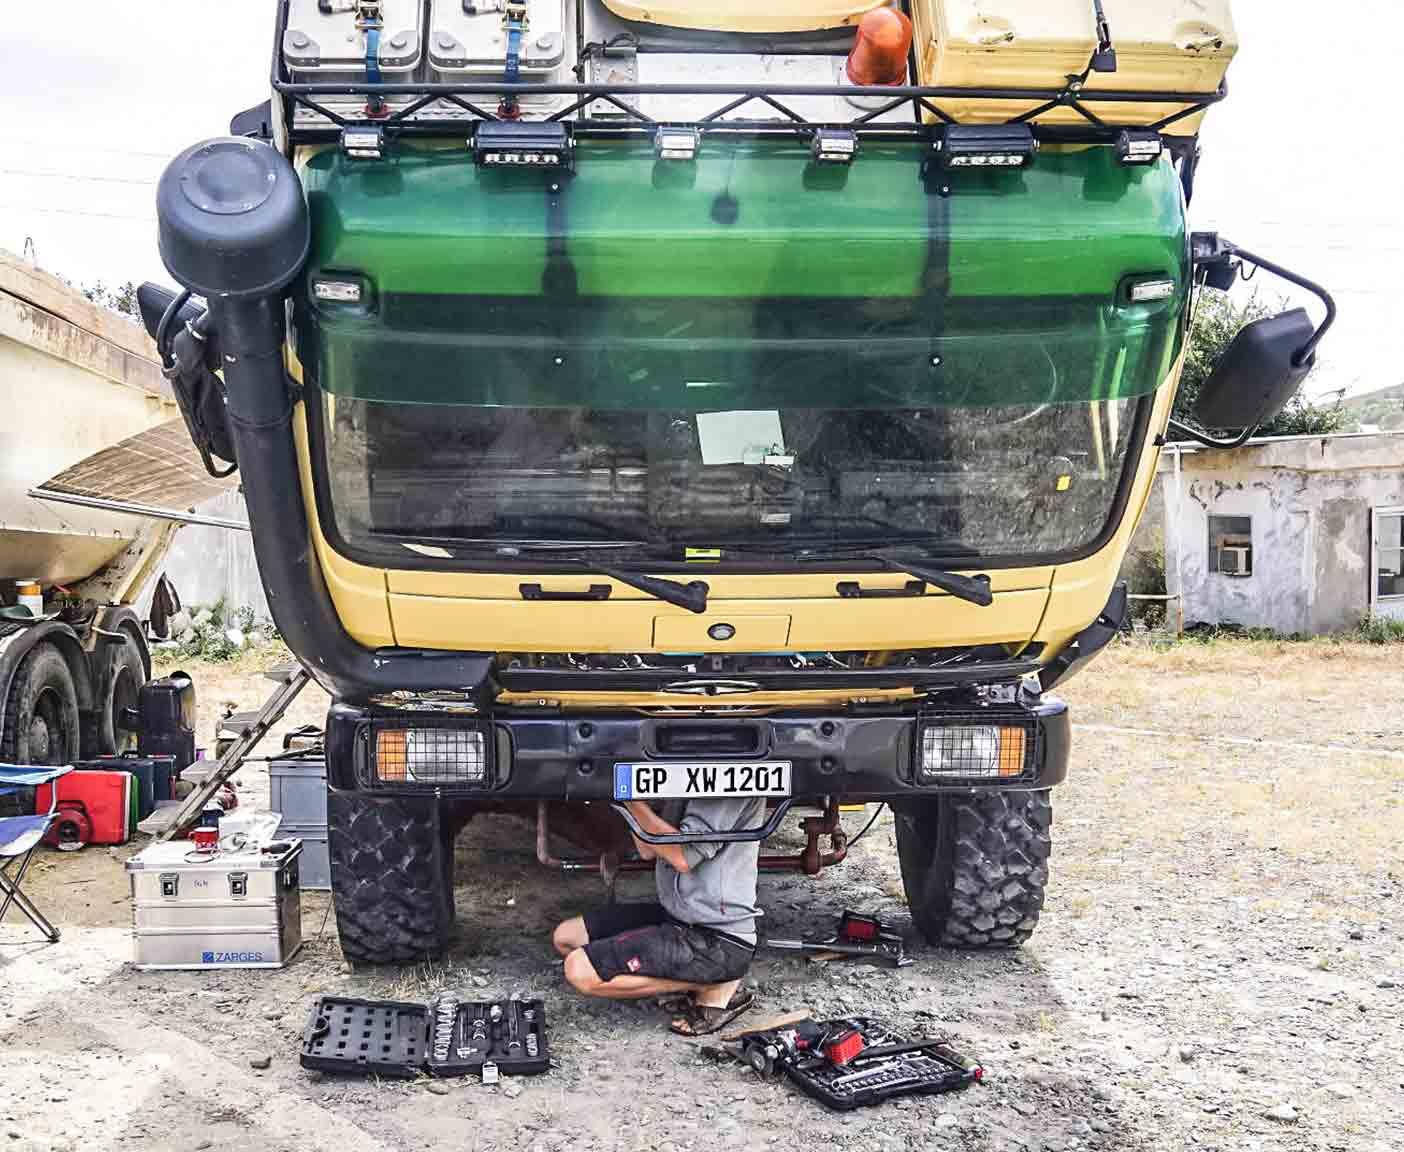 mercedes-1622-benz1017-expeditionsmobil-gebraucht-hersteller-mieten-4x4-zu-verkaufen-weltreise-expeditionsmobil-4